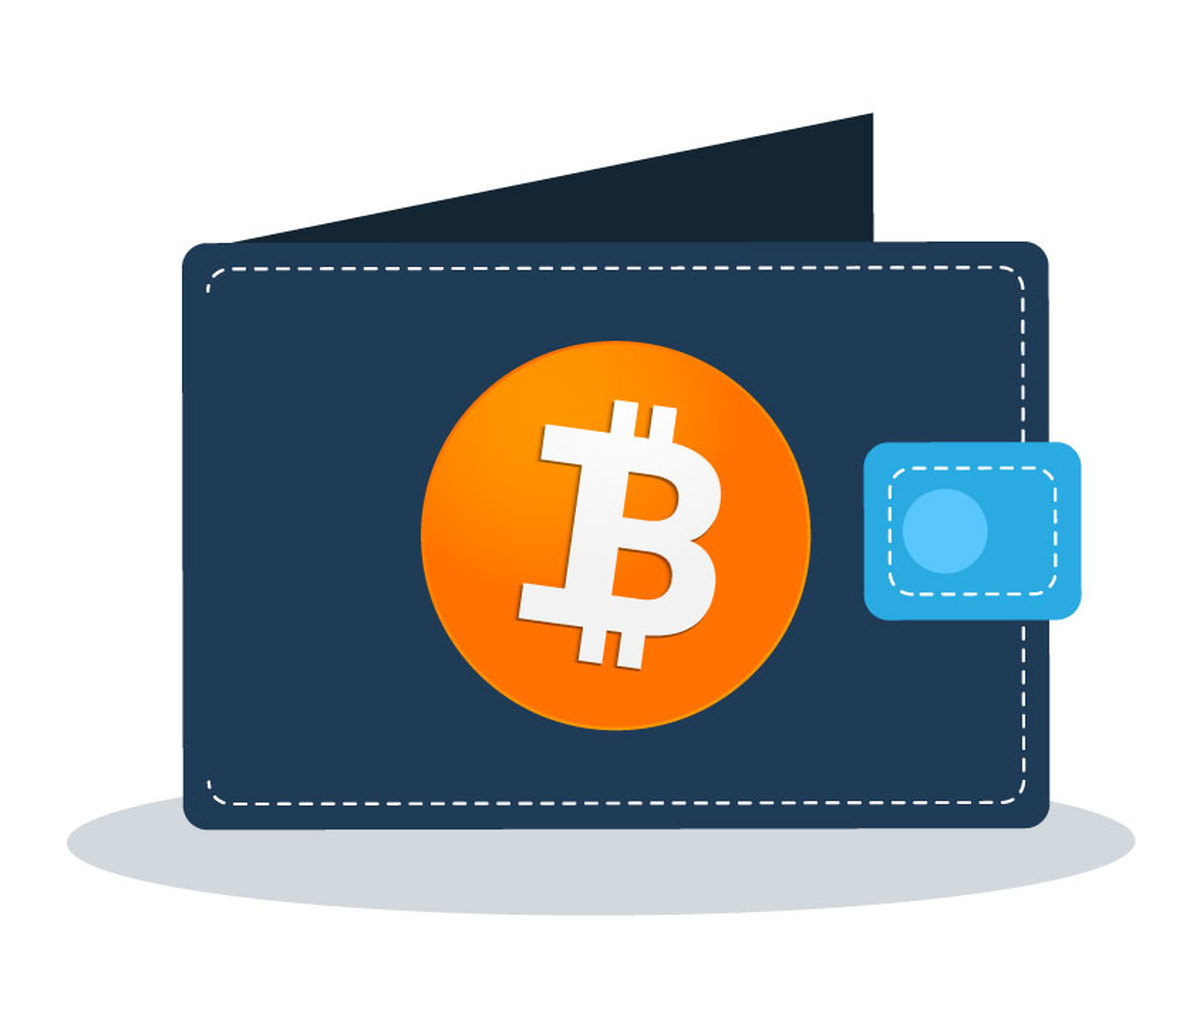 بهترین کیف پول بیت کوین کدام است؟